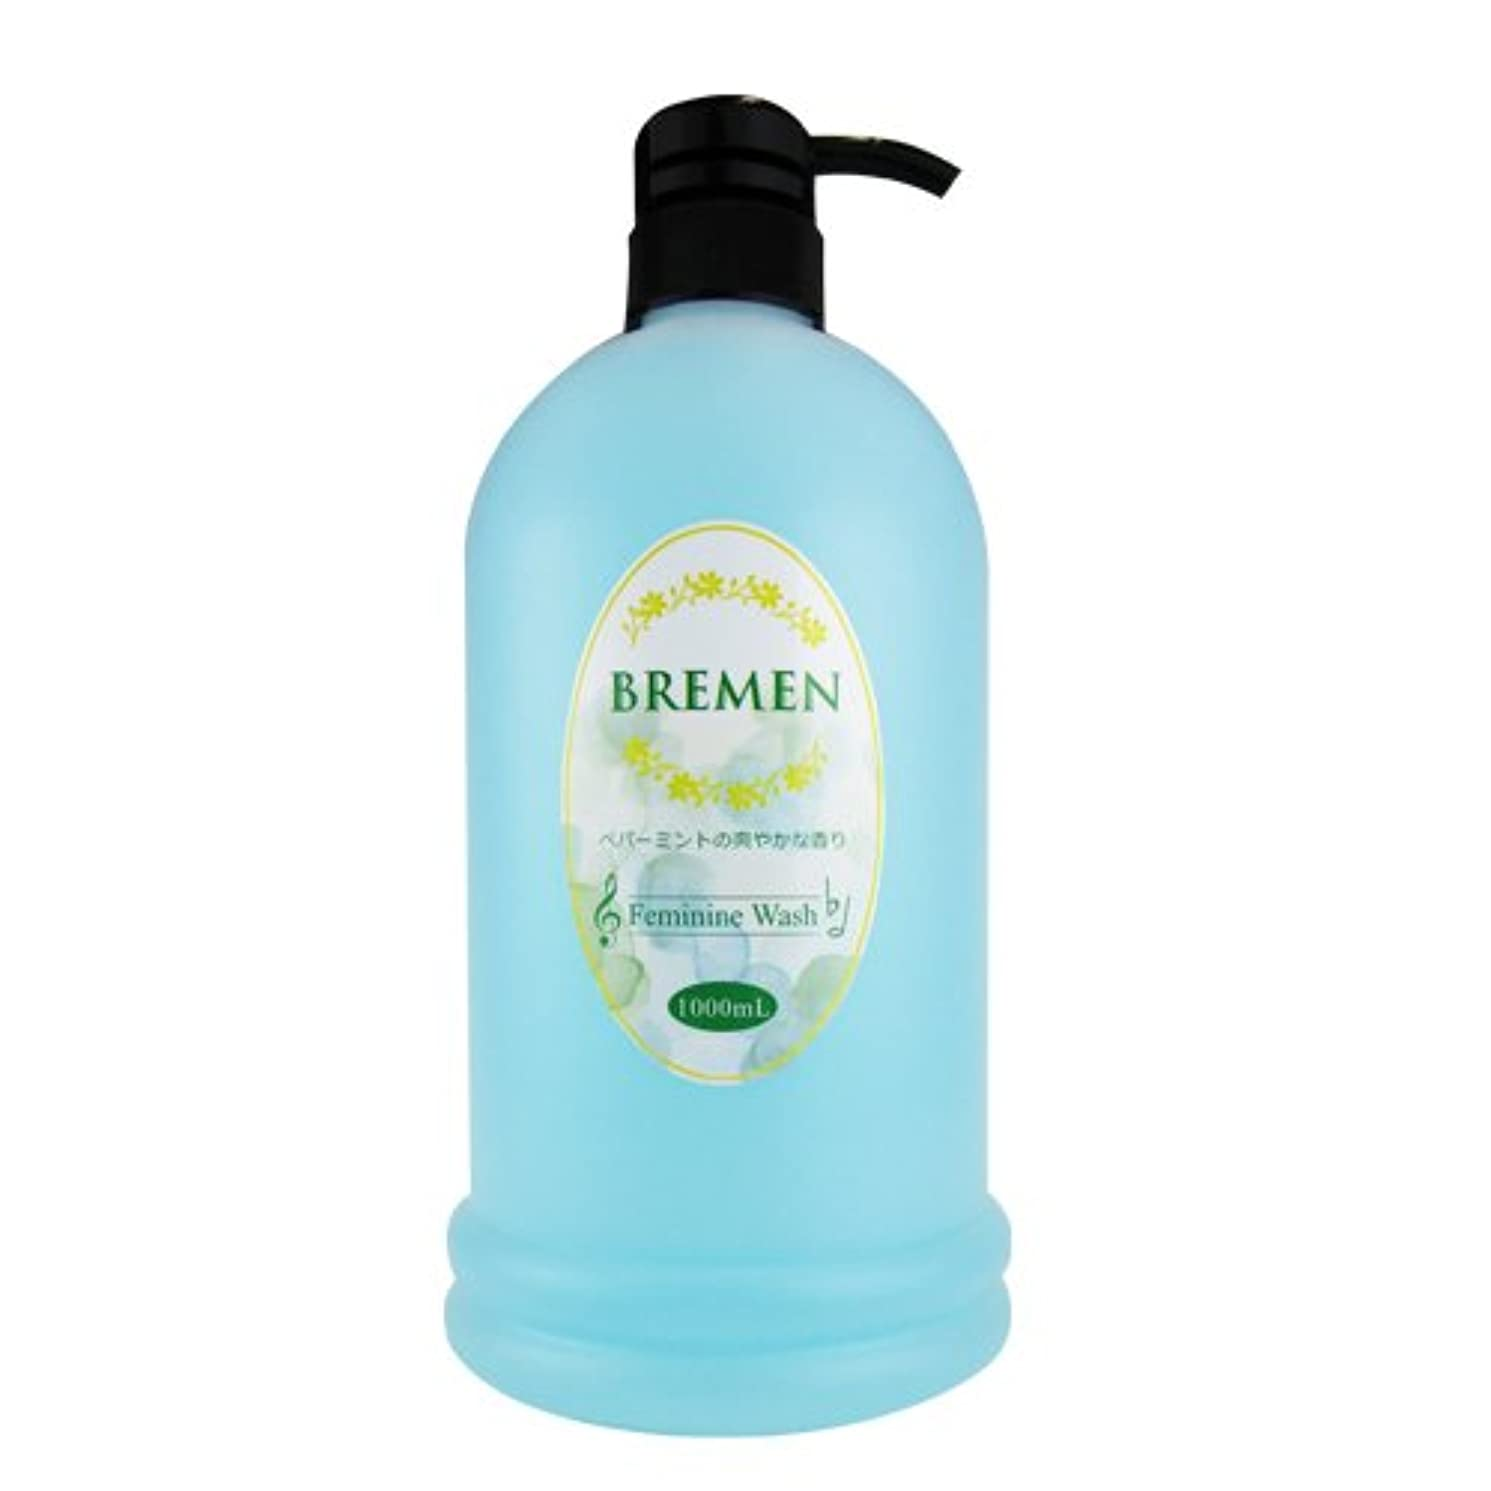 騒乱製造コロニアルブレーメン(BREMEN) フェミニンウォッシュ(Feminine Wash) 1000ml ペパーミントの爽やかな香り